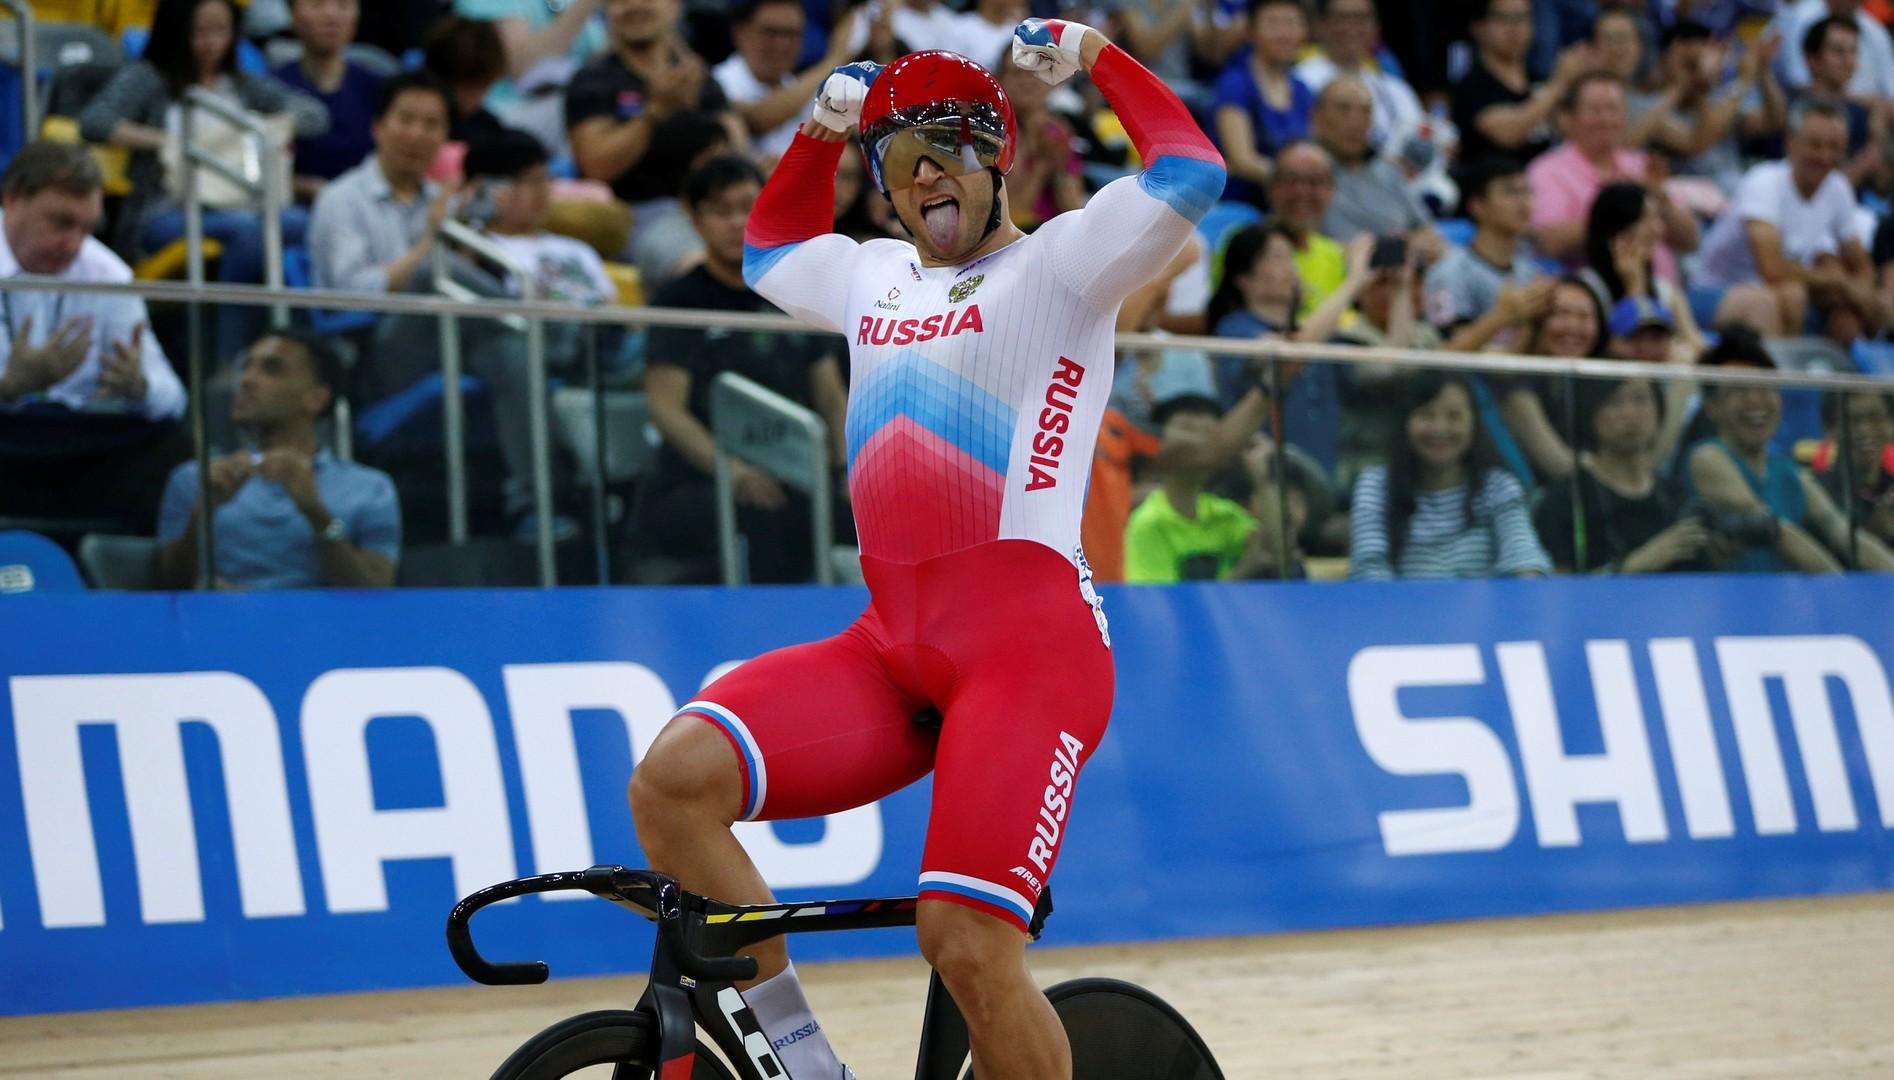 Золотой дубль: россиянин одержал историческую победу на чемпионате мира по велотреку